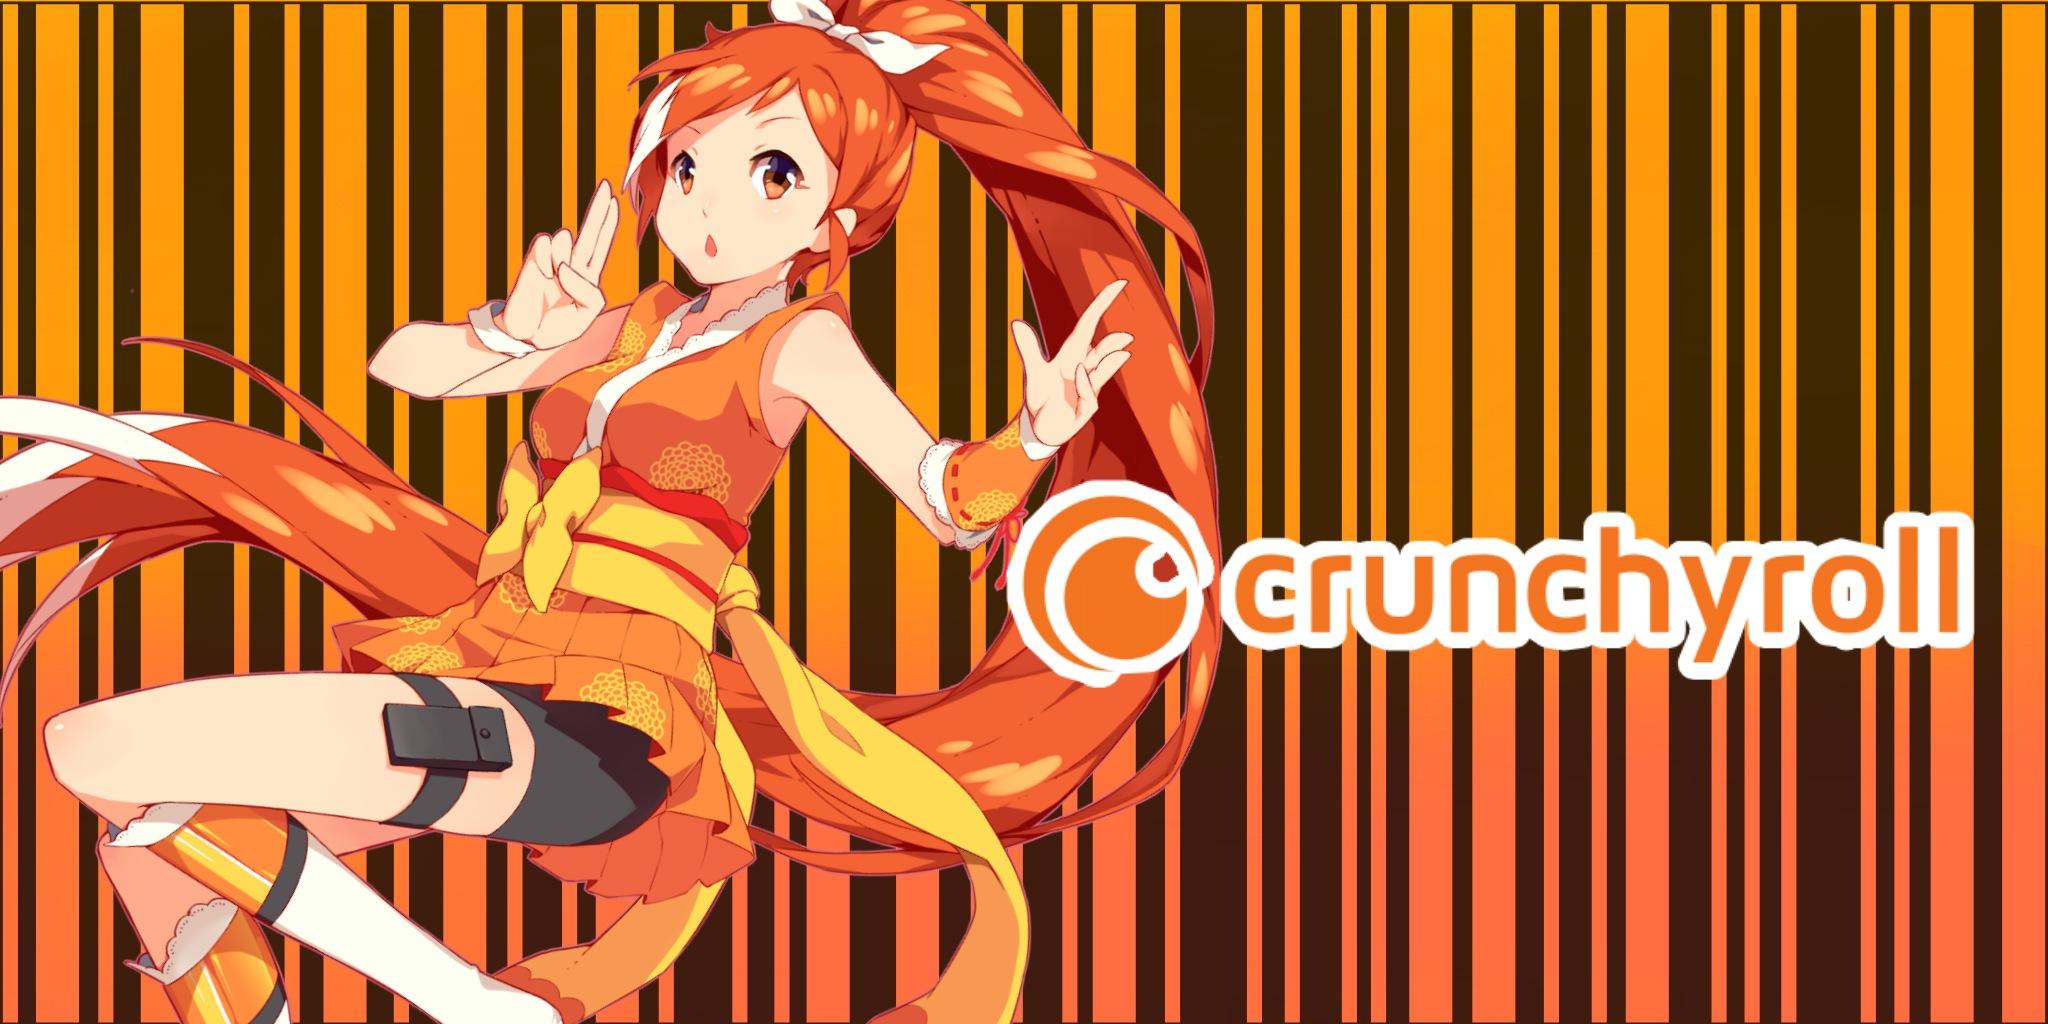 Foto de Crunchy: 39 animes vão dar adeus ao catálogo Br